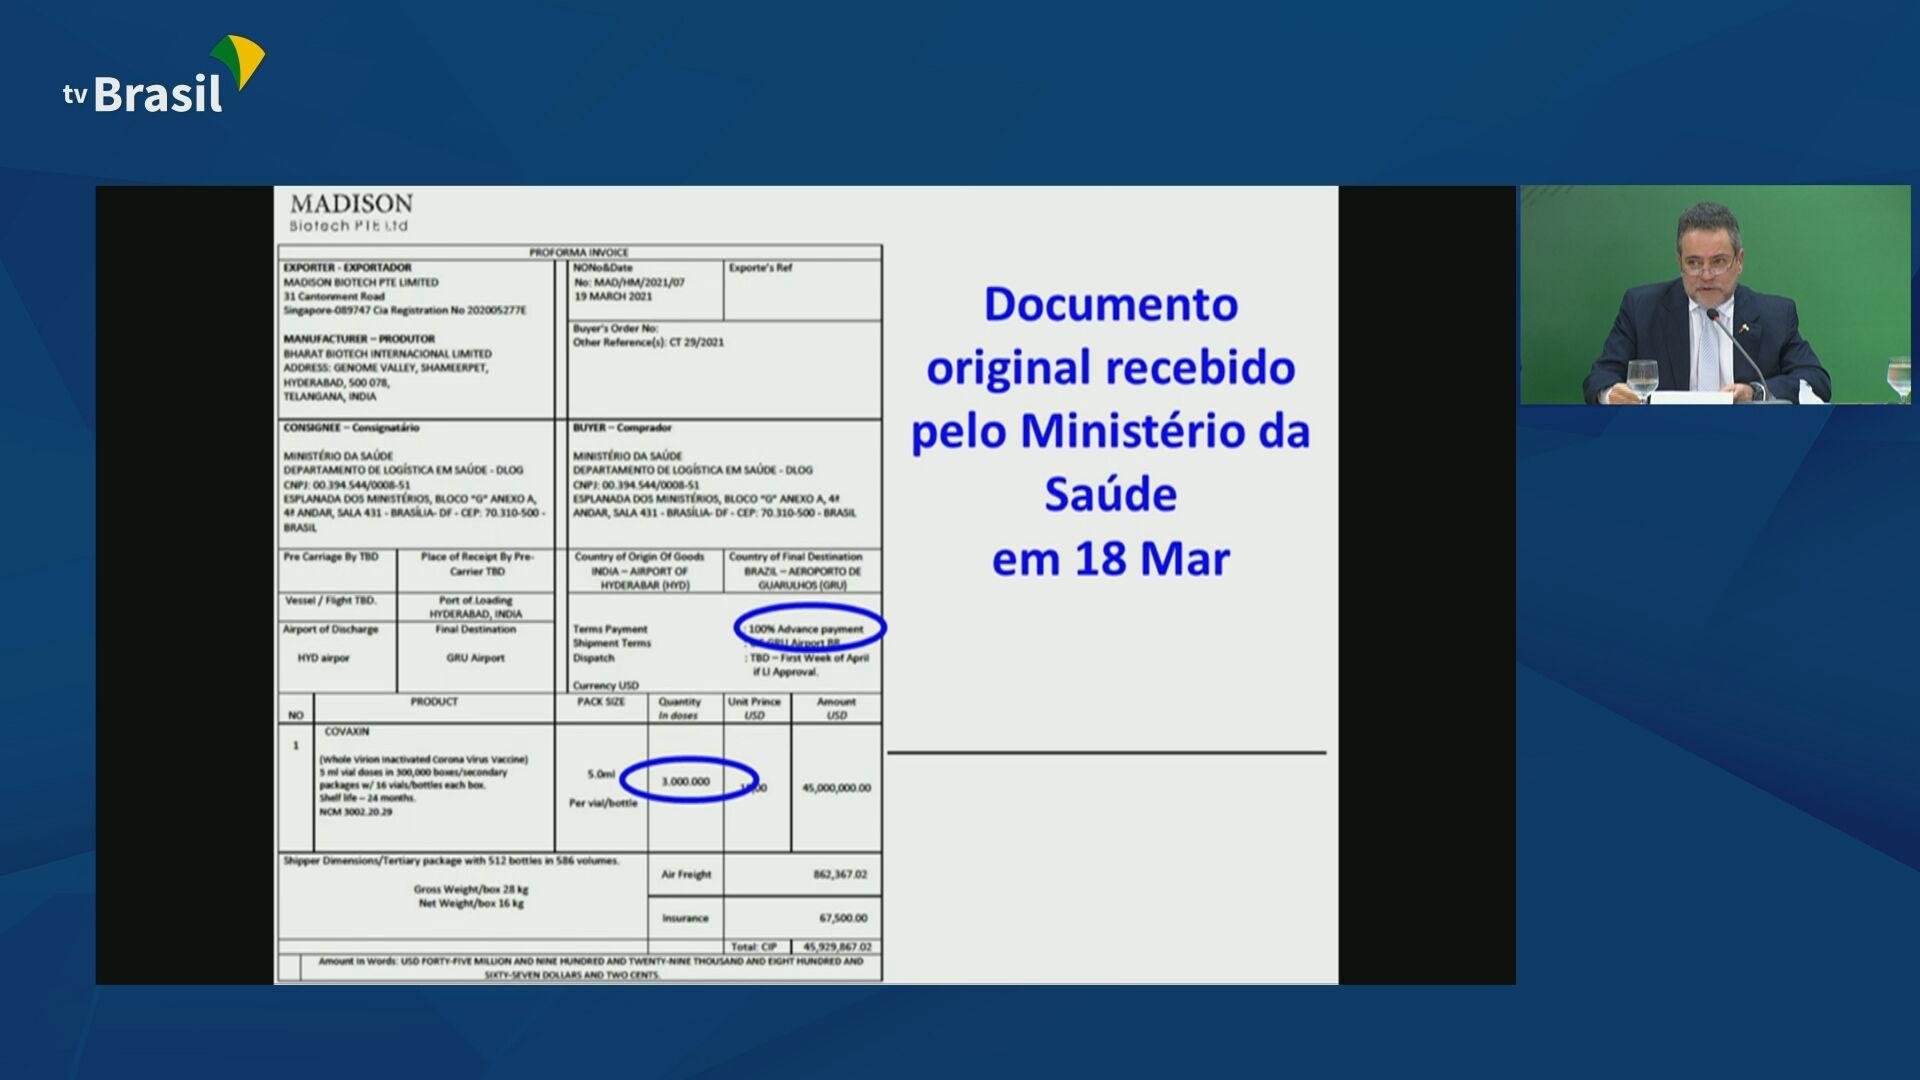 Documentos apresentados pelo governo federal para rebater denúncias de irregular